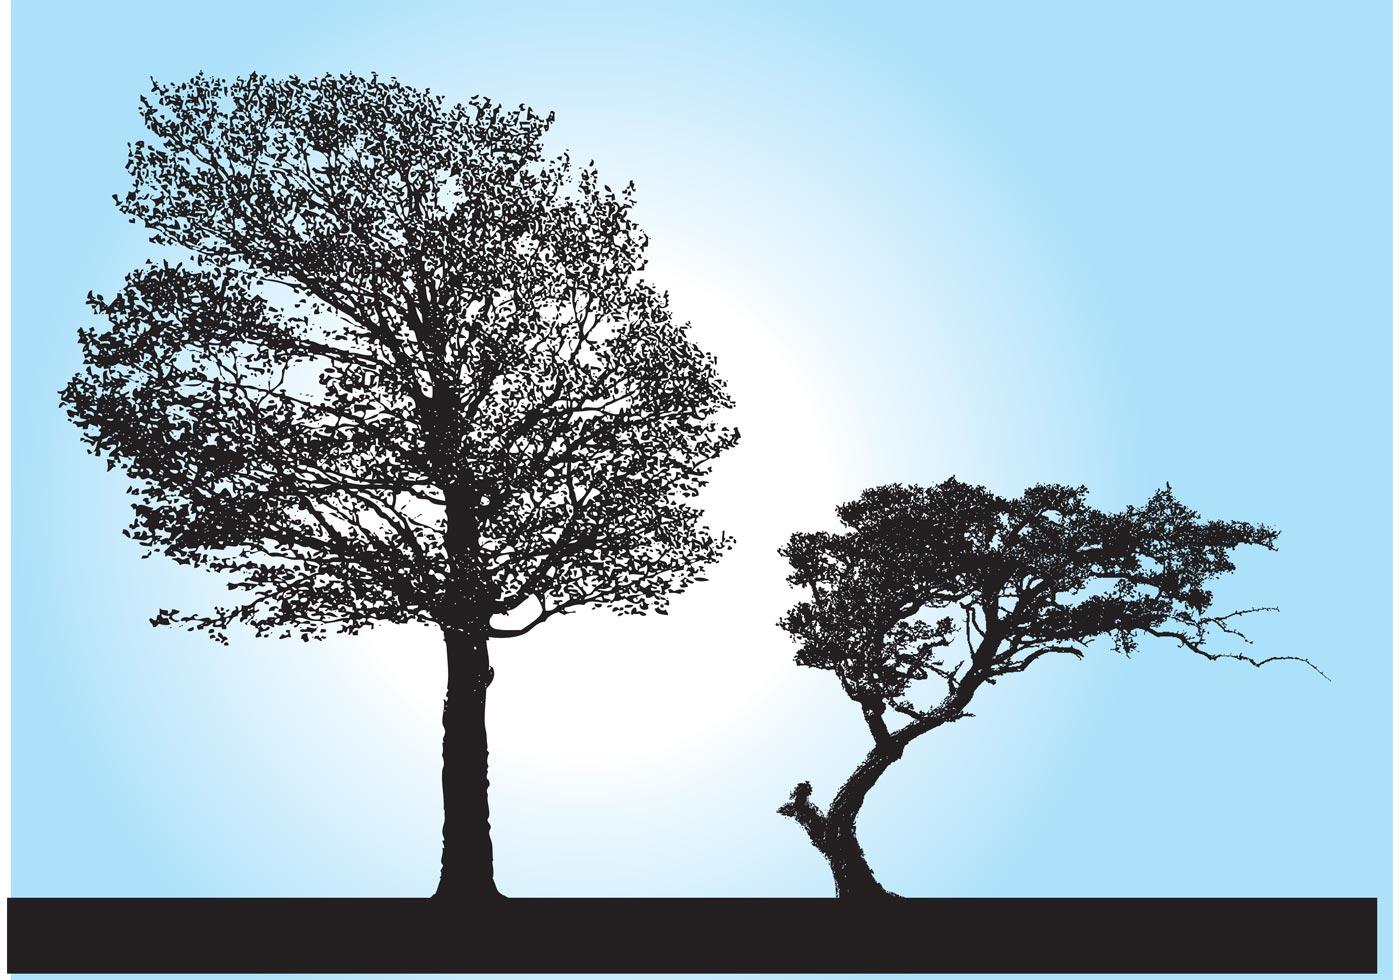 Tree Silhouette Vectors - Download Free Vector Art, Stock ...